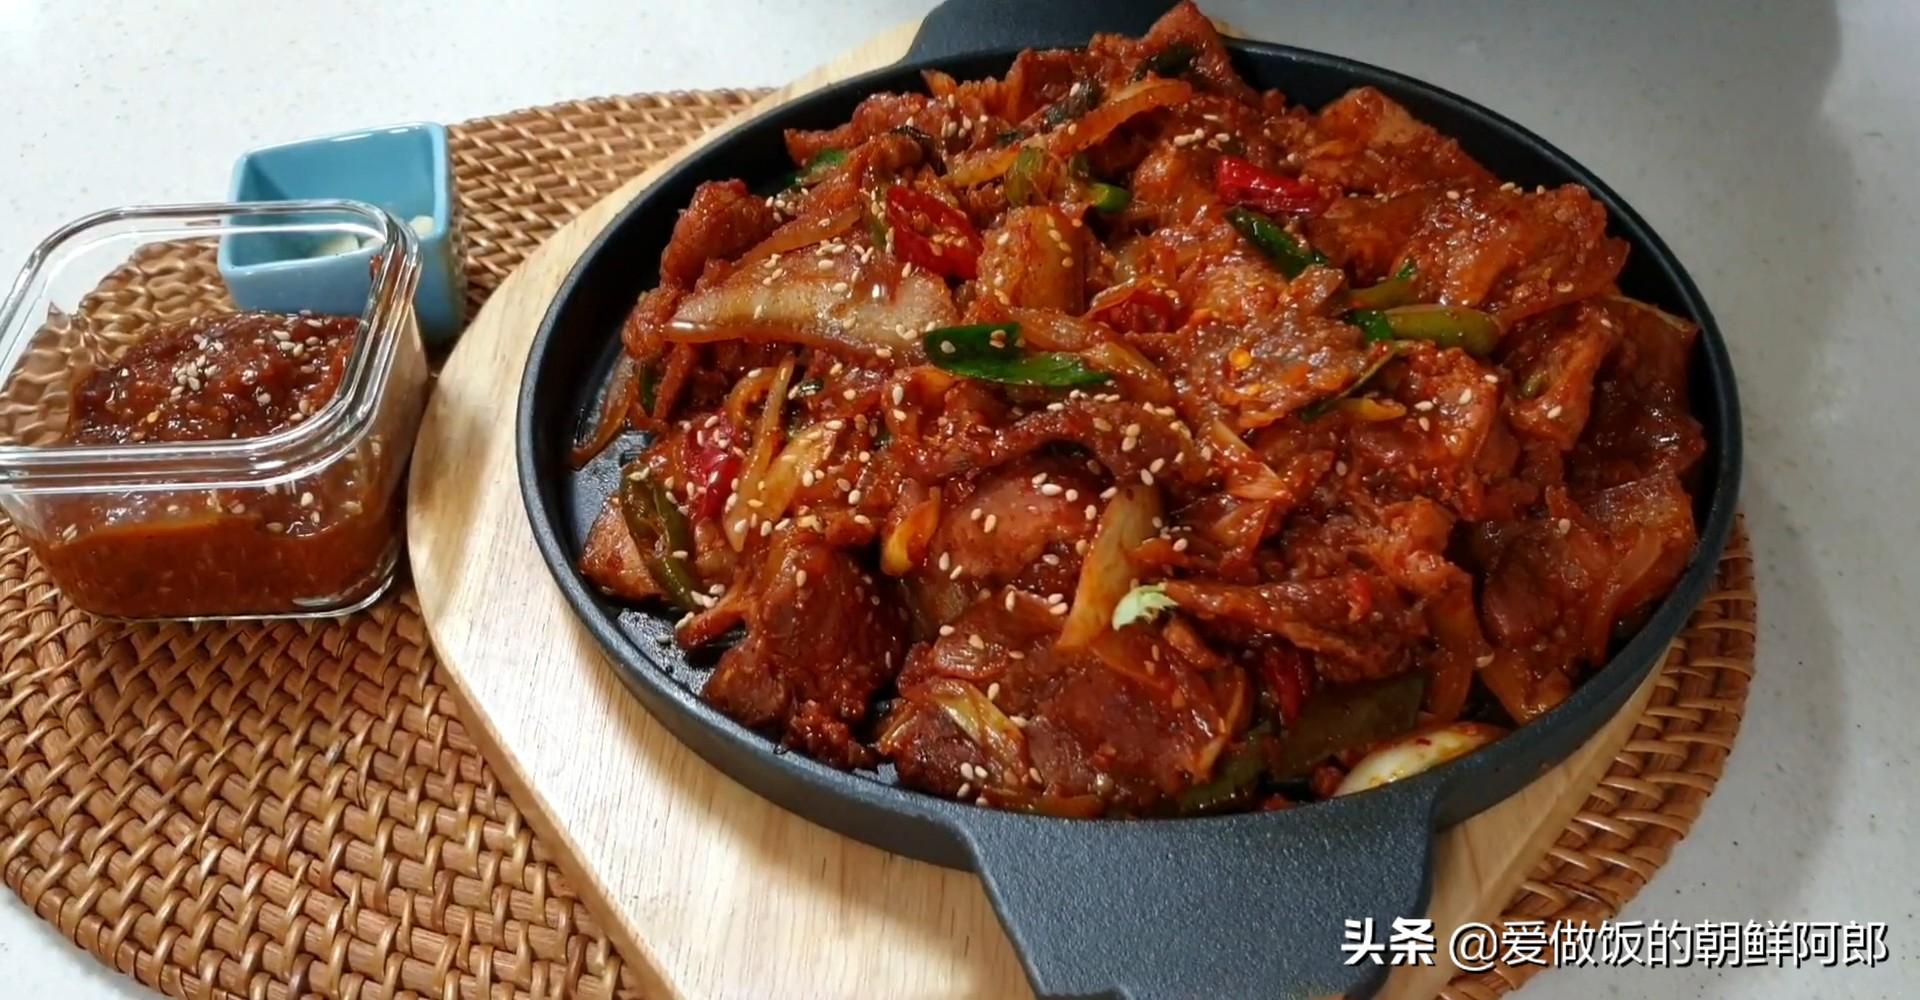 美滋滋的韩式烤肉,从腌制到蘸料一应俱全,快收藏起来自己做